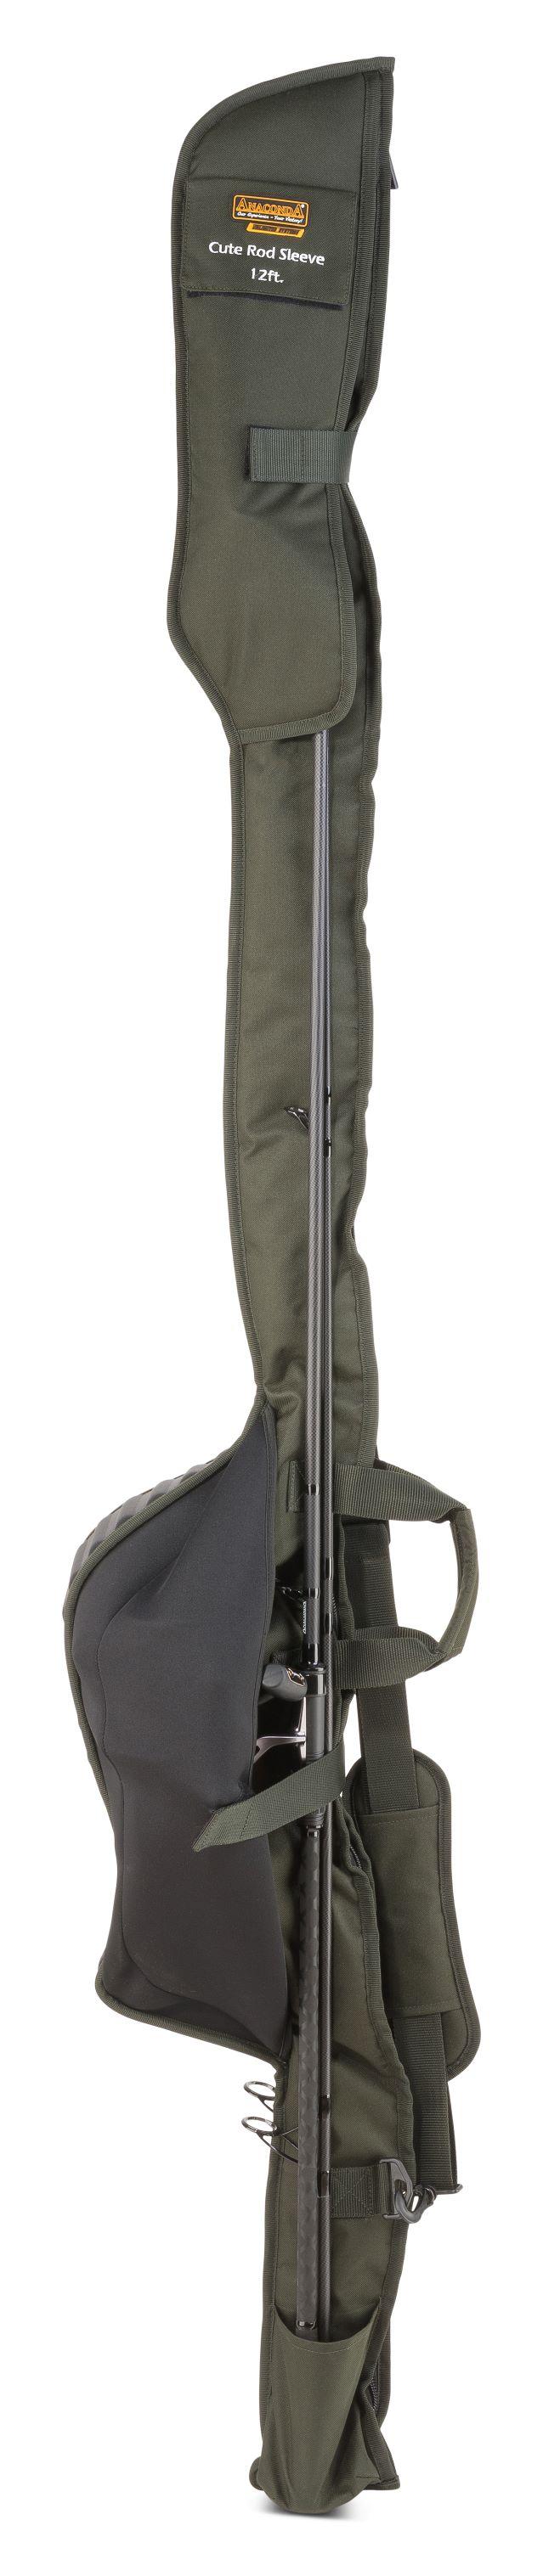 Pouzdro na pruty Anaconda Cute Rod Sleeve 10-13ft varianta: 13ft